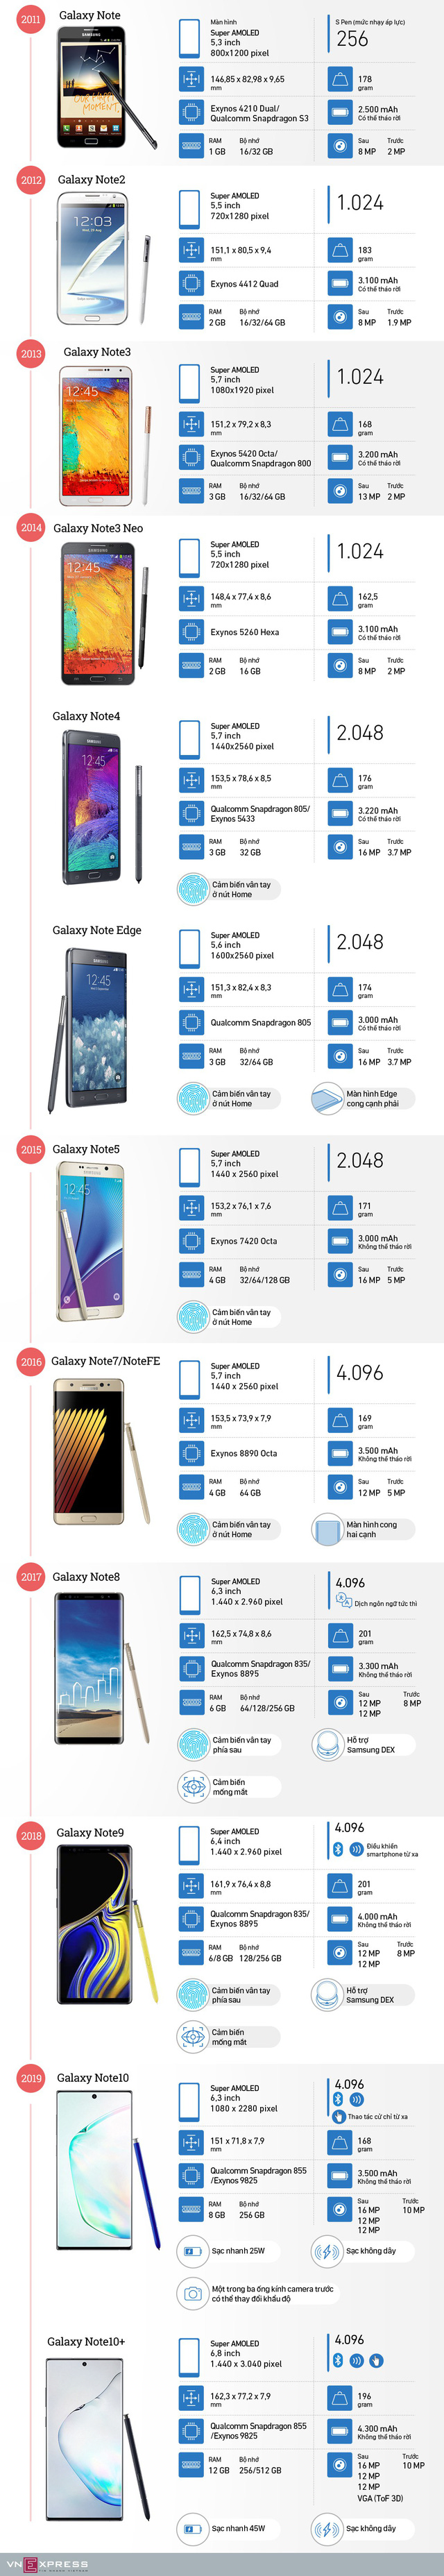 Dòng Galaxy Note phát triển thế nào sau 9 năm - Ảnh 1.